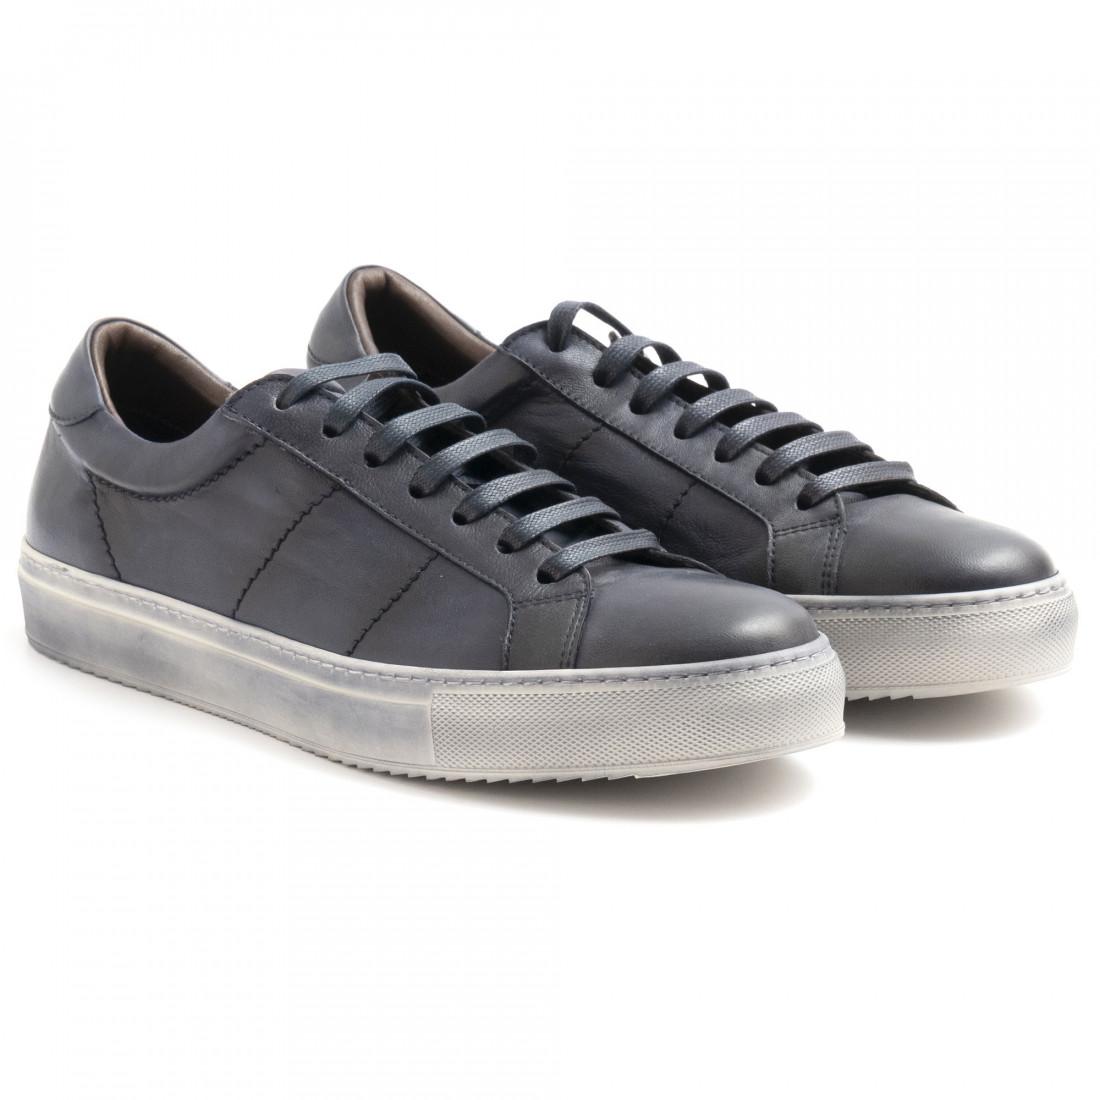 sneakers uomo j wilton 173 820glove blu 6194